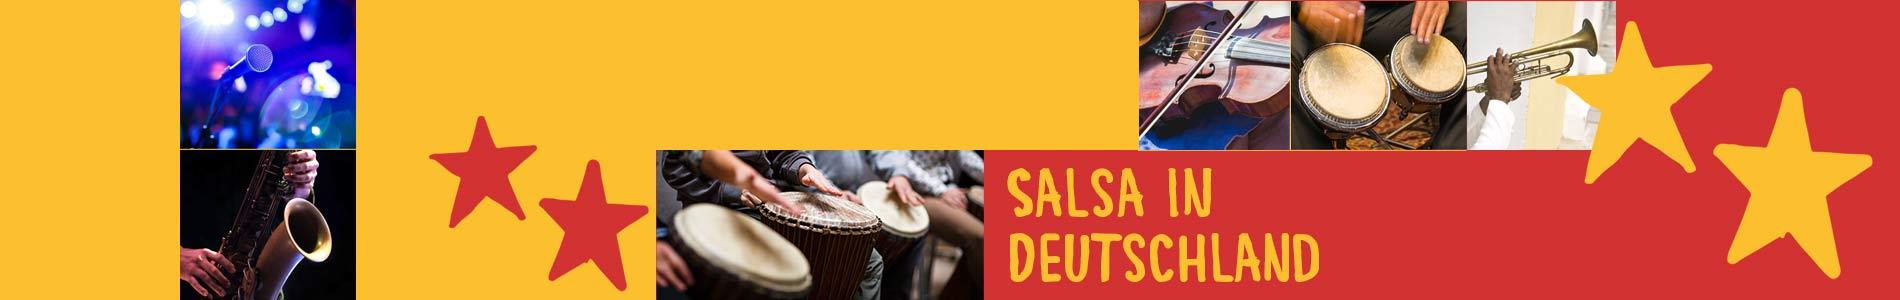 Salsa in Burg auf Fehmarn – Salsa lernen und tanzen, Tanzkurse, Partys, Veranstaltungen